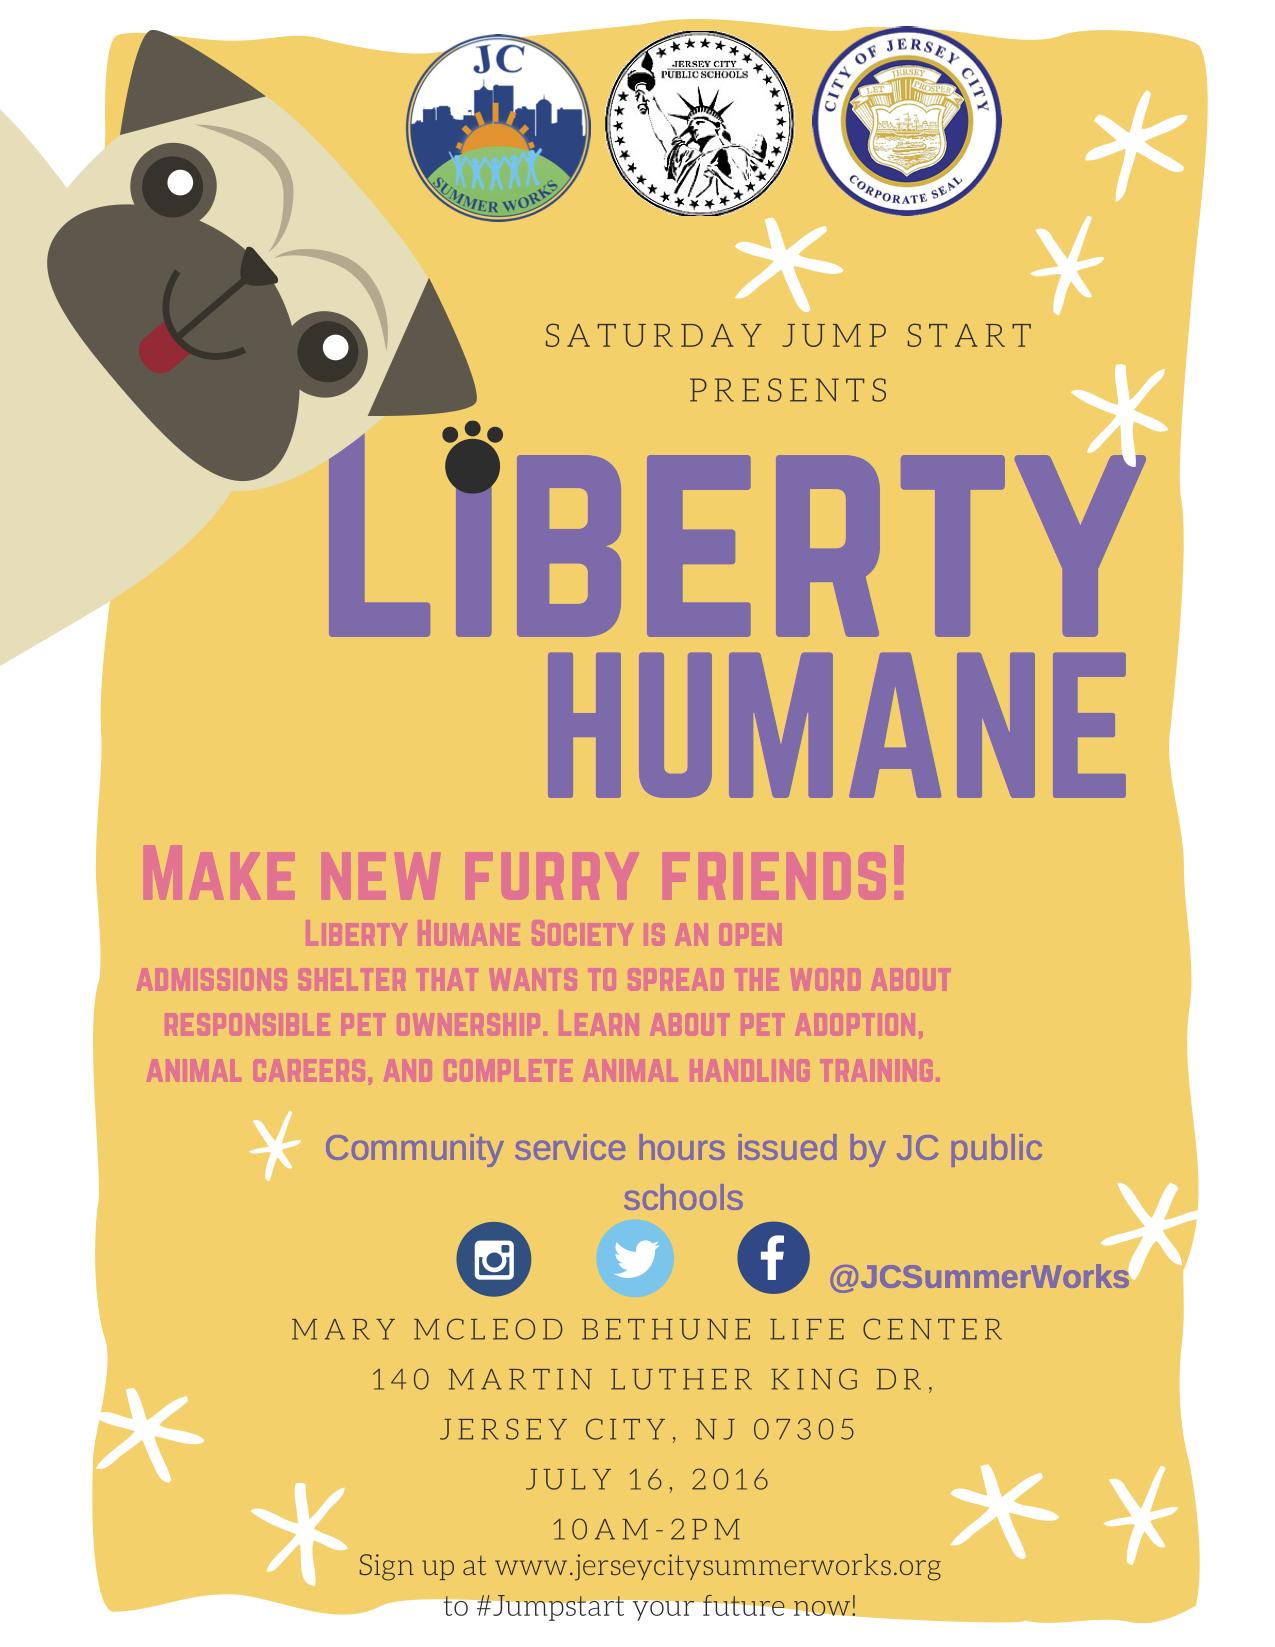 Liberty_Humane_Flyer.jpg